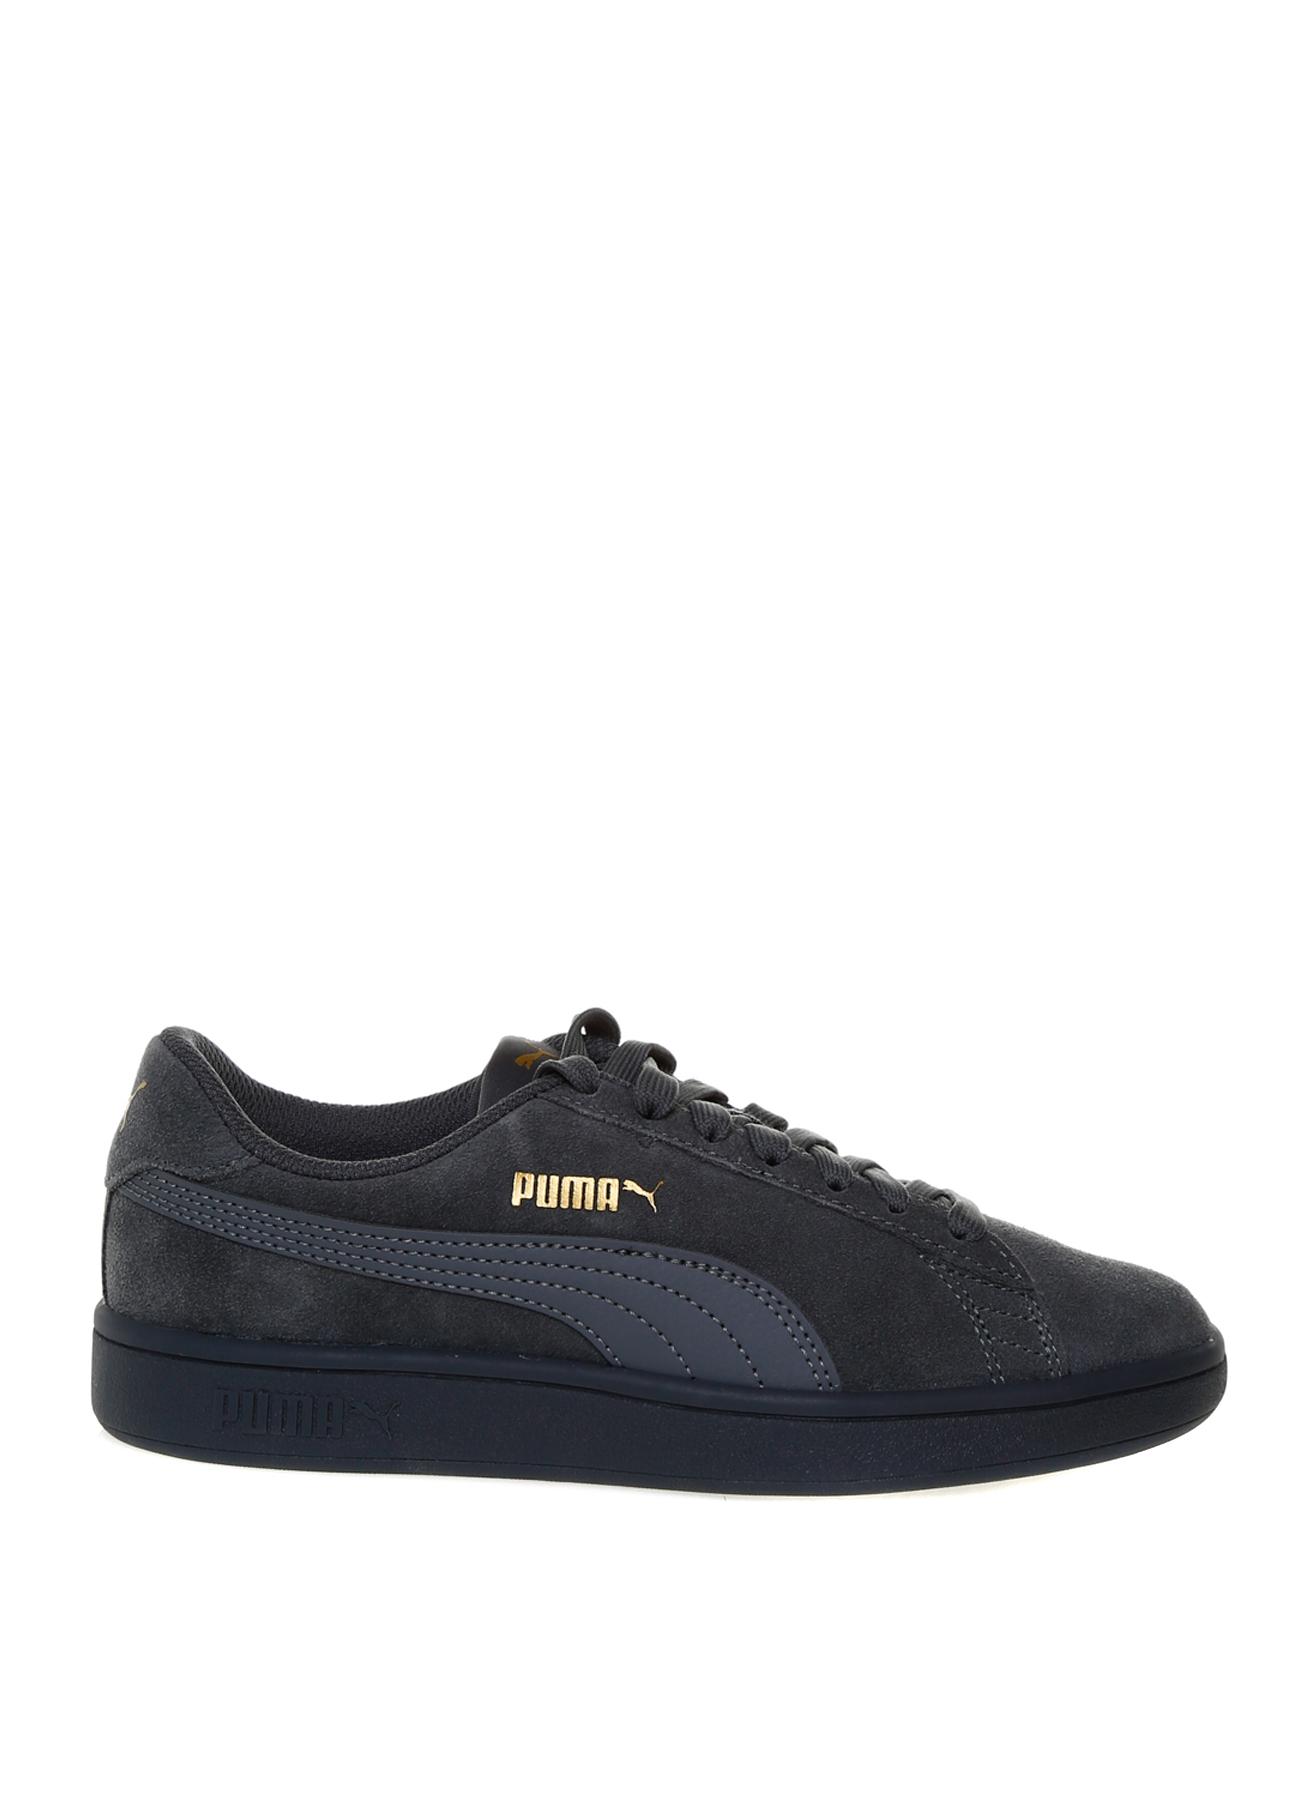 Puma Puma Smash v2 Lifestyle Ayakkabı 42 5001632609010 Ürün Resmi